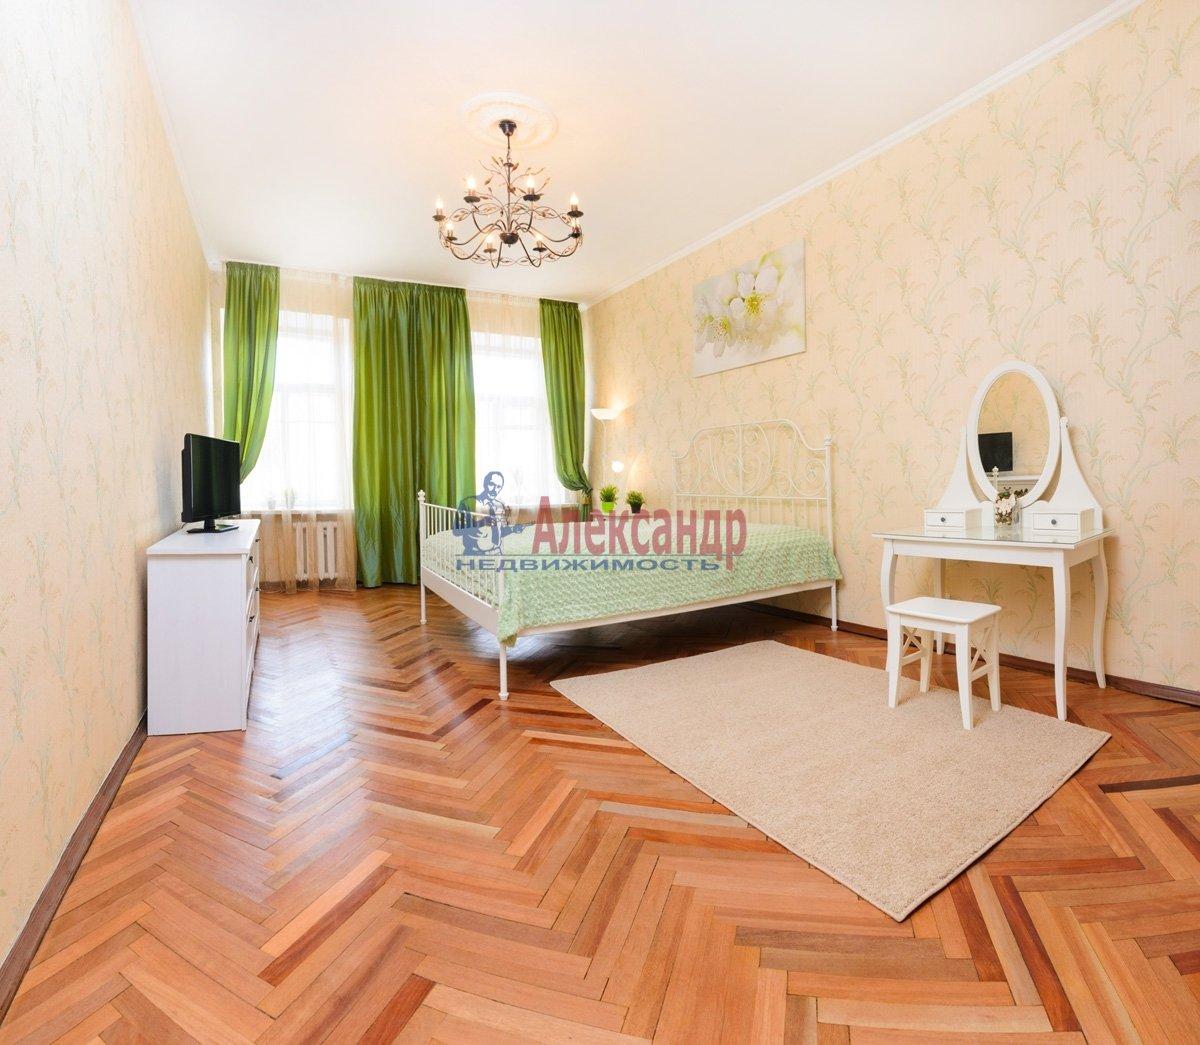 3-комнатная квартира (120м2) в аренду по адресу Правды ул., 5— фото 1 из 12